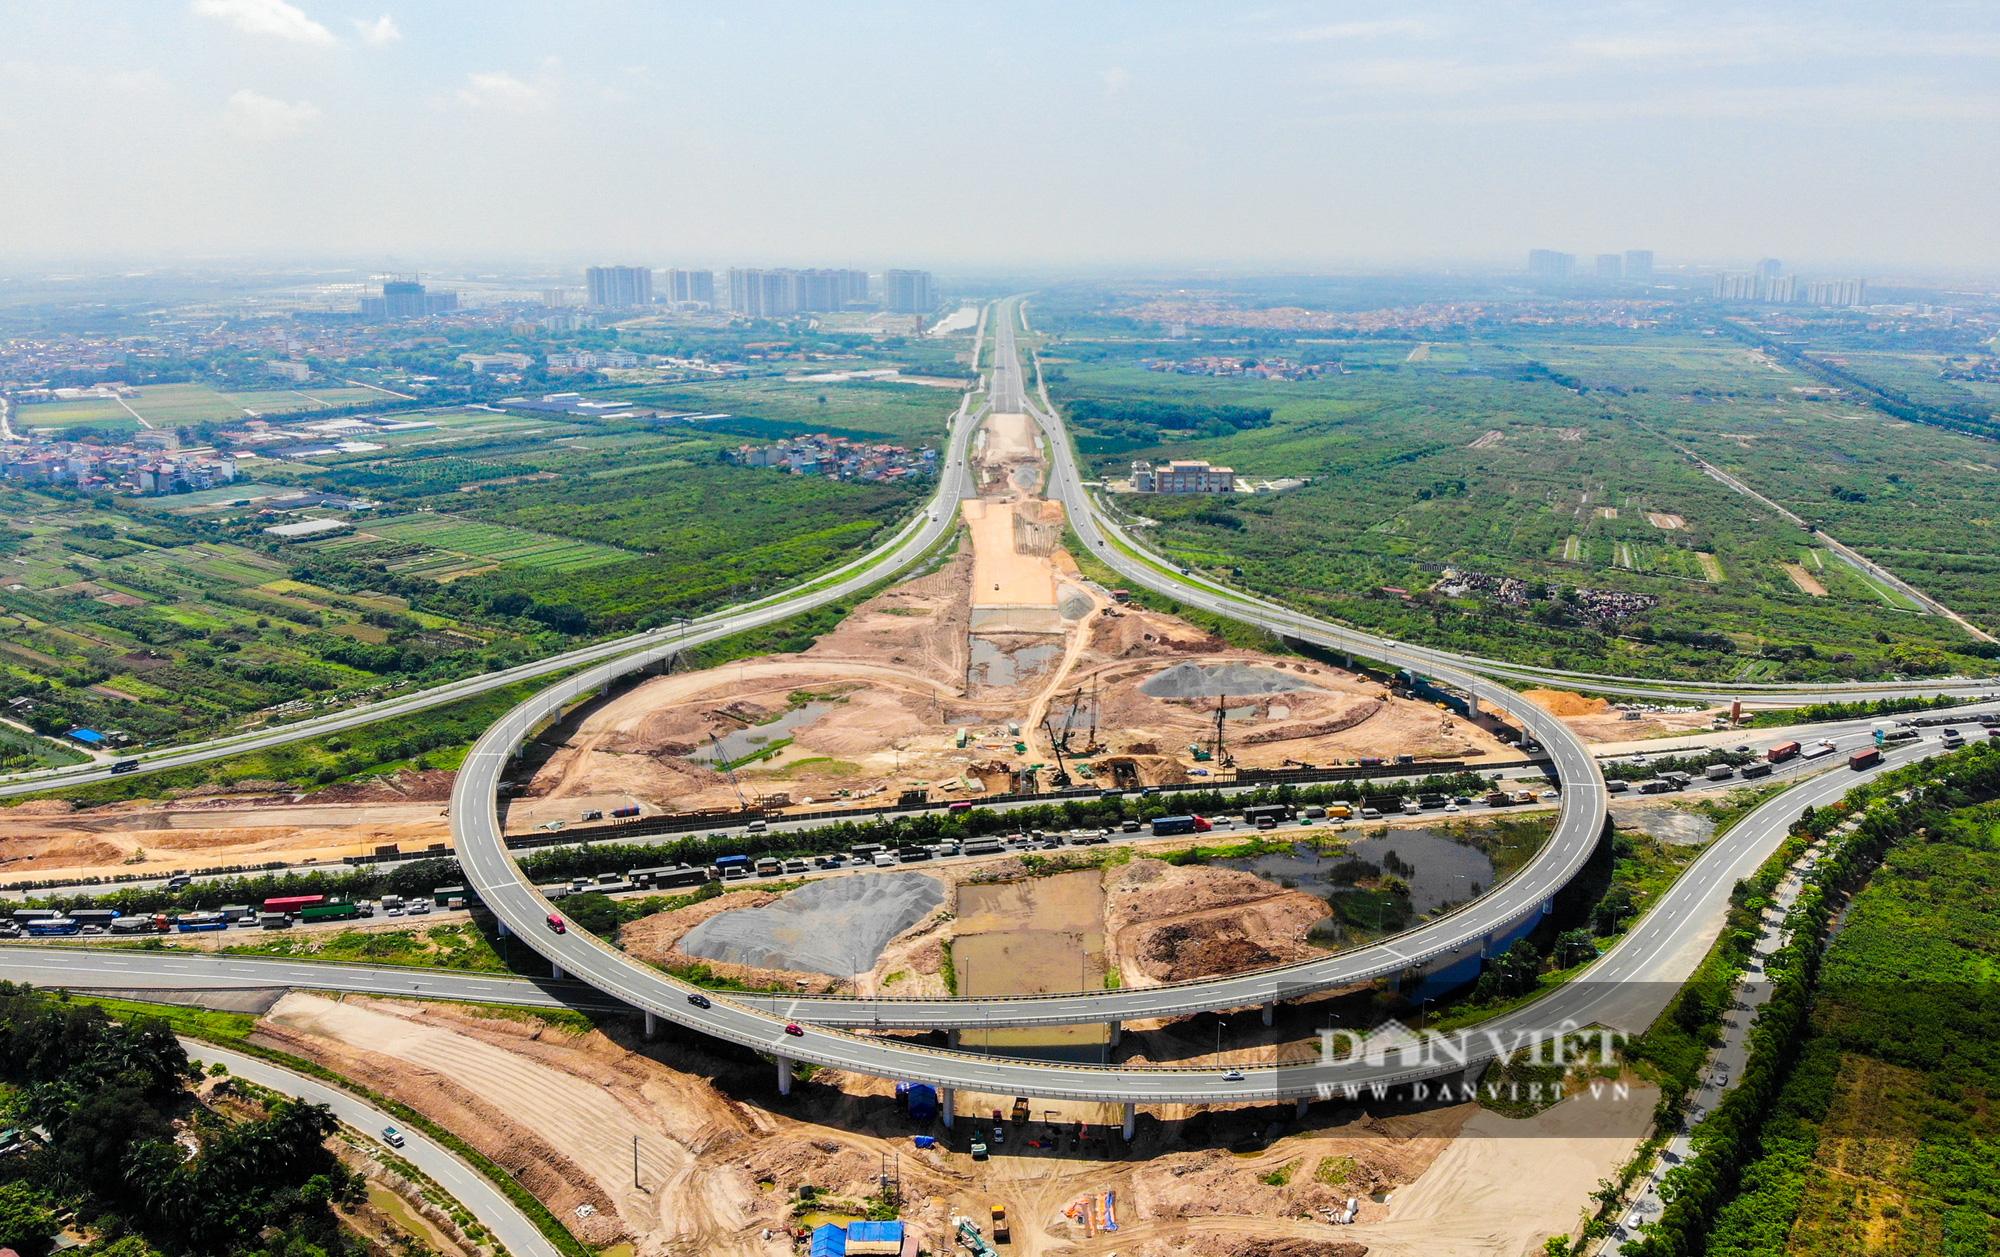 Nhìn lại 10 dự án tiêu biểu do ông Nguyễn Đức Chung - Chủ tịch TP Hà Nội chỉ đạo - Ảnh 7.